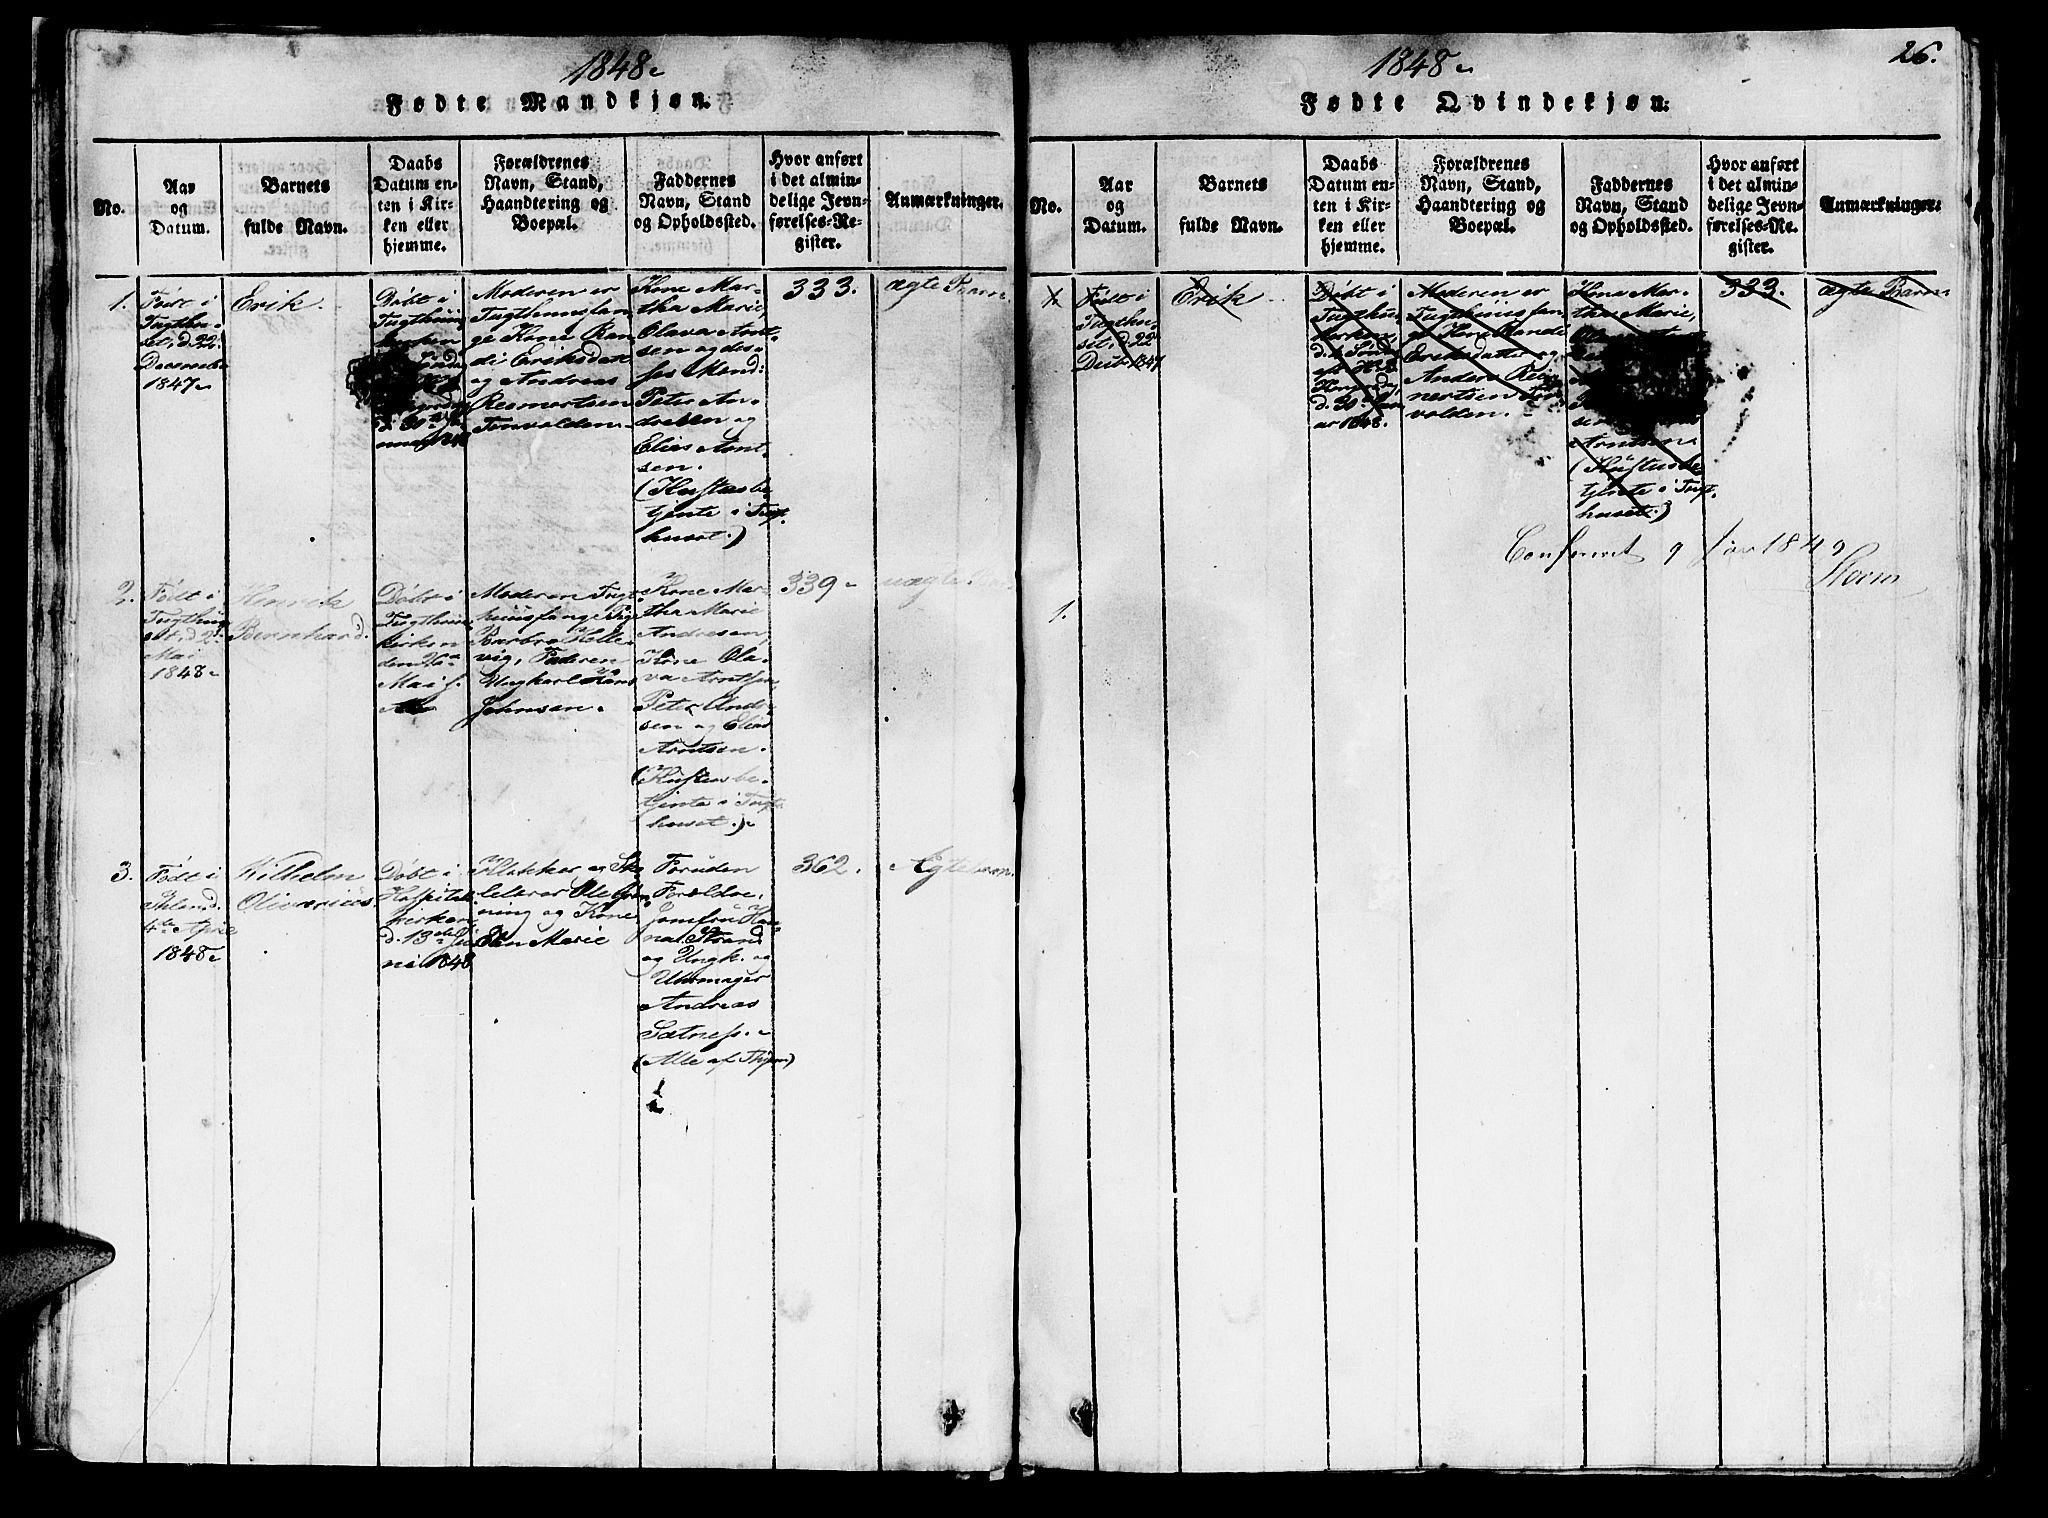 SAT, Ministerialprotokoller, klokkerbøker og fødselsregistre - Sør-Trøndelag, 623/L0478: Klokkerbok nr. 623C01, 1815-1873, s. 26